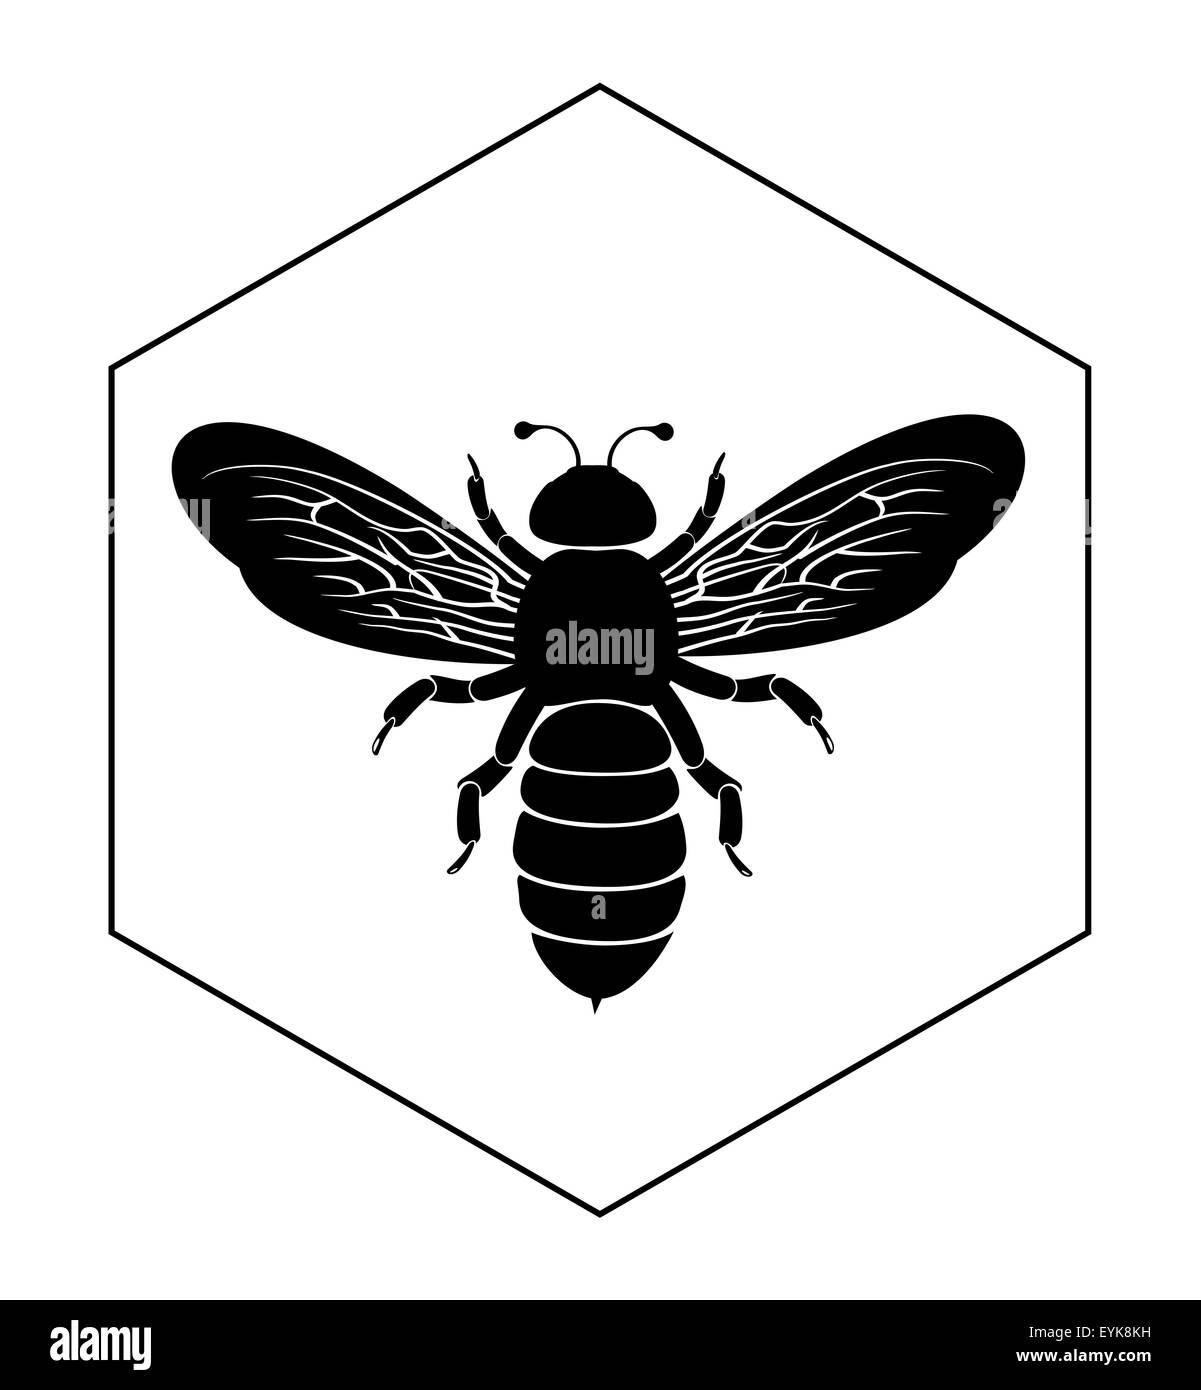 Schön Die Anatomie Einer Biene Ideen - Anatomie Ideen - finotti.info